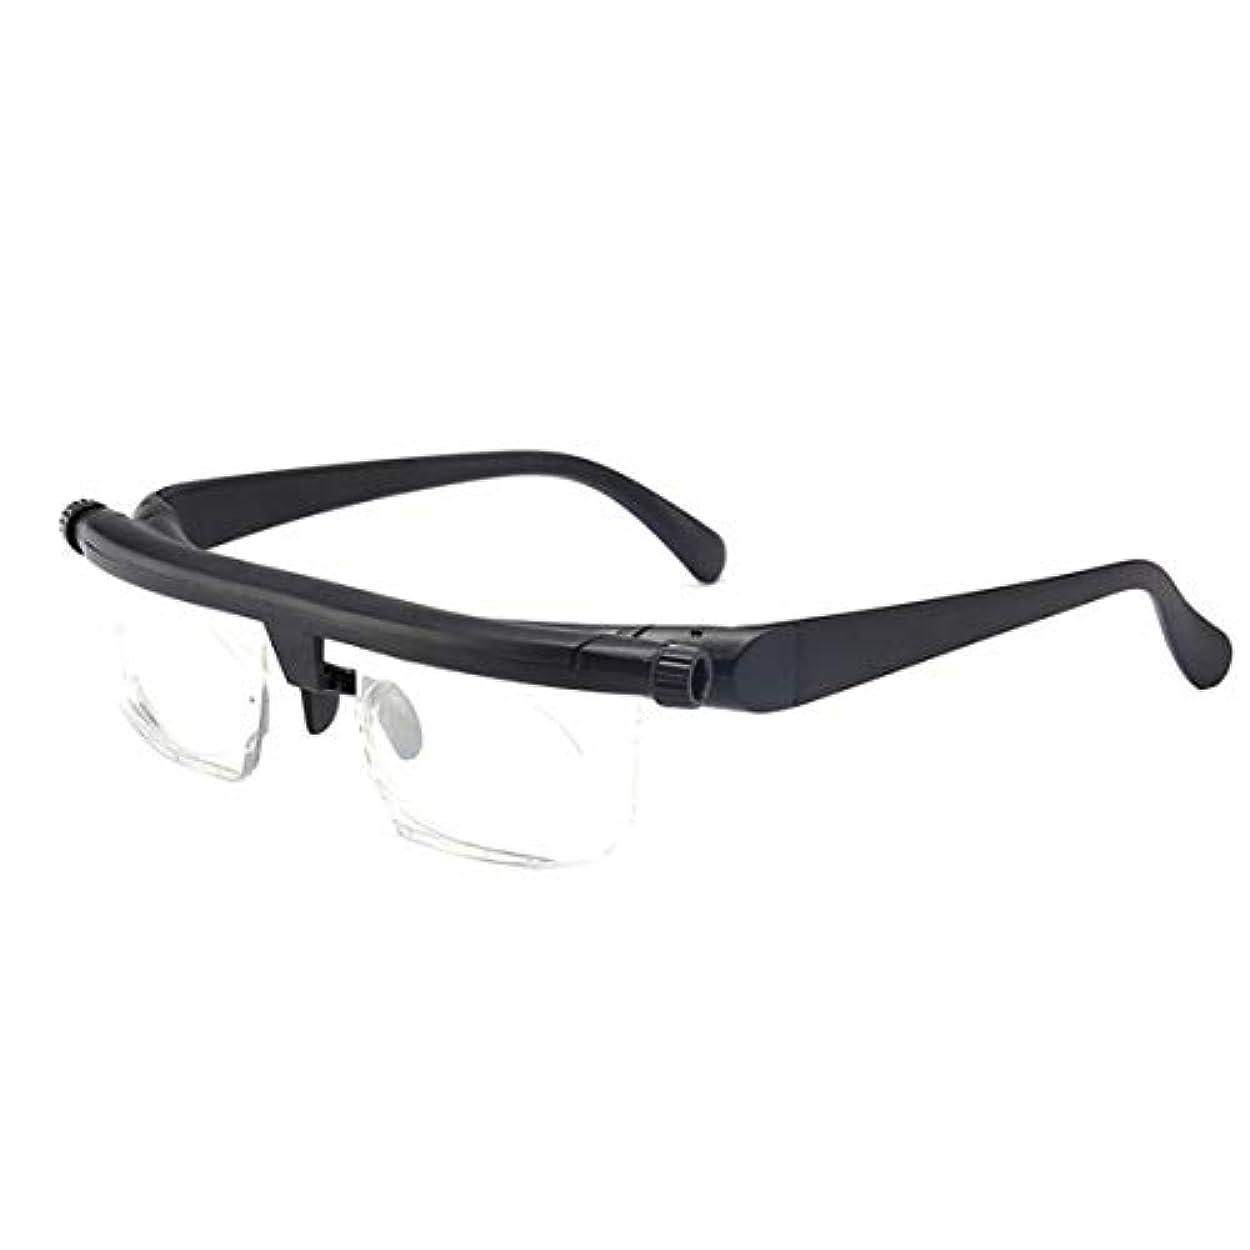 クラブ不和音節Intercorey Tr90焦点距離調整老眼鏡は、-6D?+ 3D度の近視老眼鏡に調整できます。